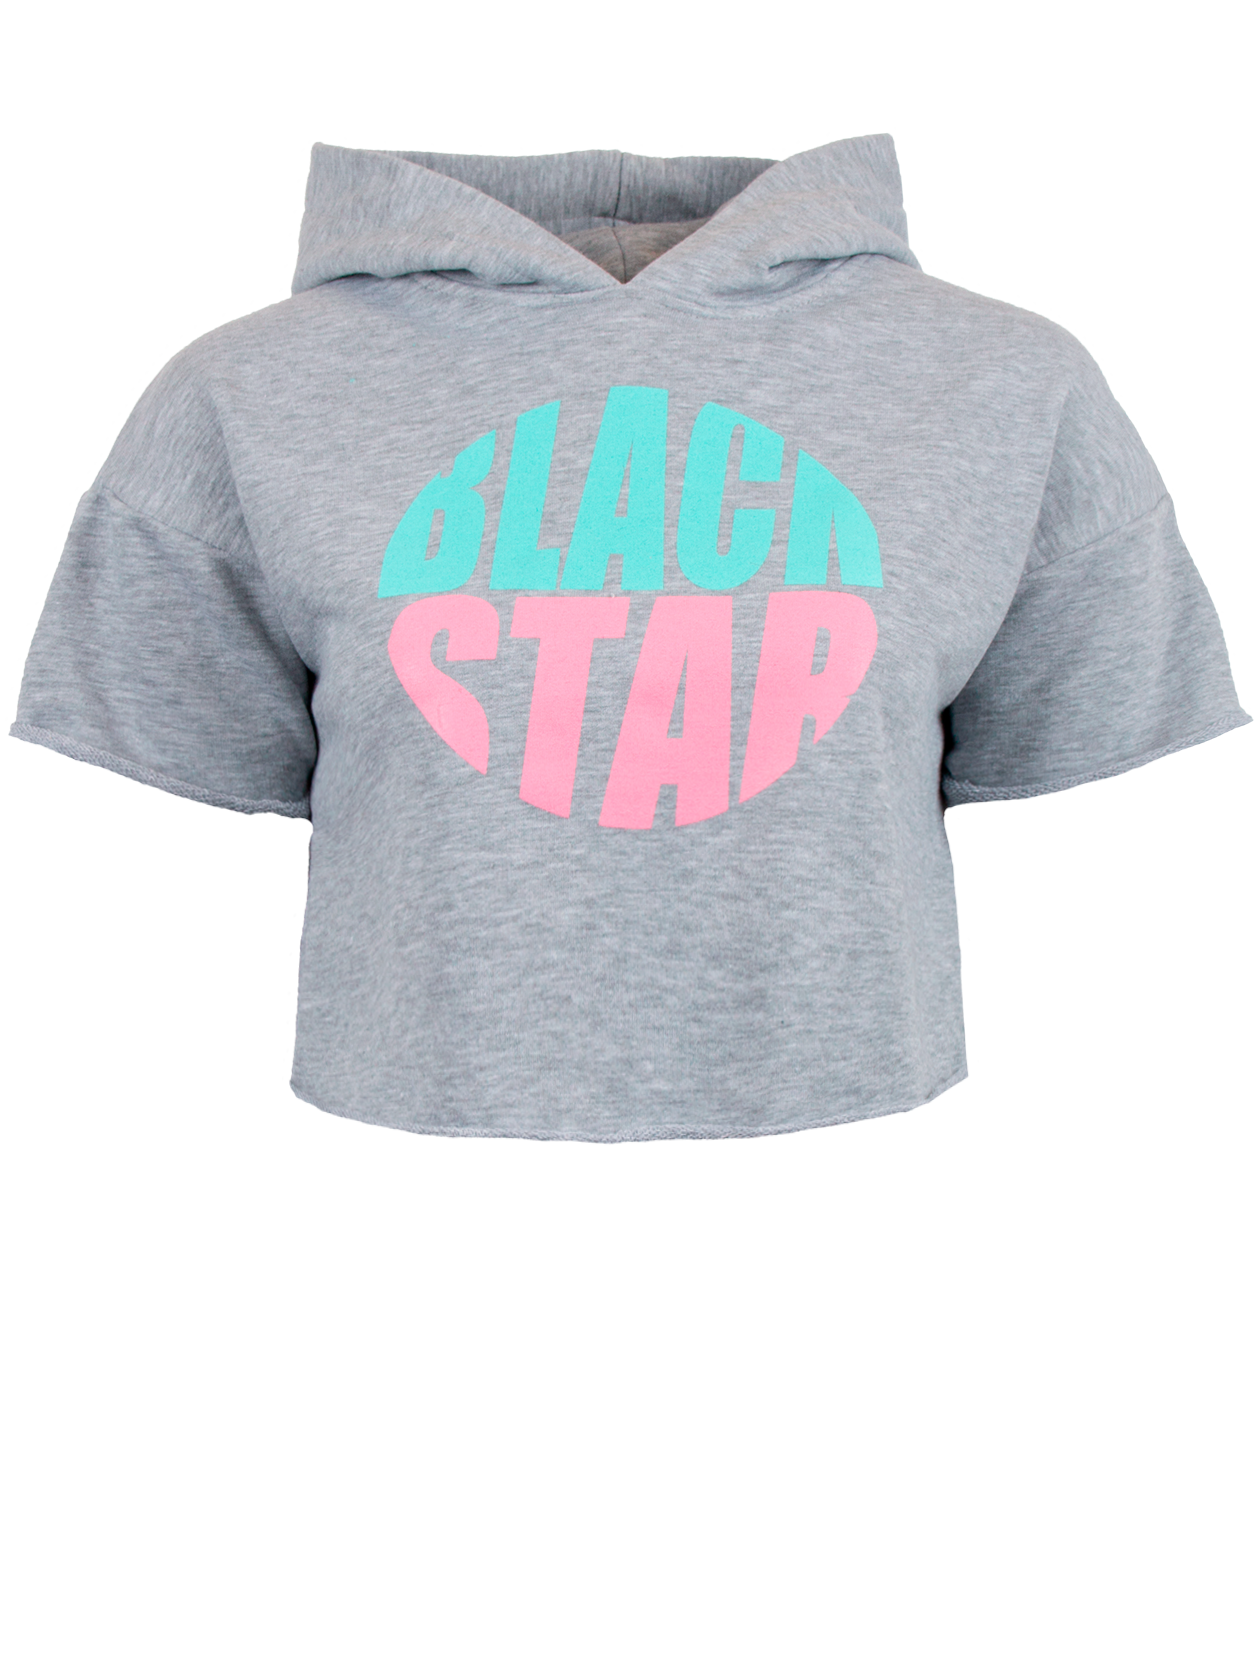 Футболка женская SUMMER HOODЭффектная футболка женская Summer Hood из коллекции Black Star Wear – яркая вещь для создания ежедневного лука. Укороченная модель прямого свободного кроя со спущенной линией плеча, переходящей в короткий широкий рукав. Дизайн дополнен объемным капюшоном и принтом в виде круга из надписи Black Star розовыми и ментоловыми буквами. Футболка представлена в популярной расцветке серый меланж, отлично сочетается со спортивным и повседневным гардеробом. Изготовлена из премиального 100% хлопка.<br><br>Размер: S<br>Цвет: Серый<br>Пол: Женский